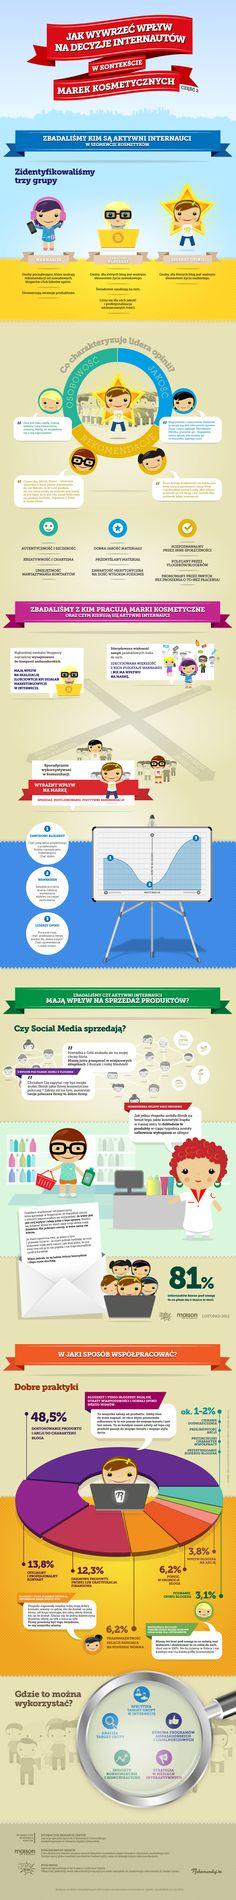 #rekomendujto #buzzmedia #WOMM #marketingrekomendacji #lideropinii #ambasadormarki  więcej: http://nowymarketing.pl/a/1266,czego-oczekujemy-od-liderow-opinii-o-kosmetycznych-markach-badanie-cz-2